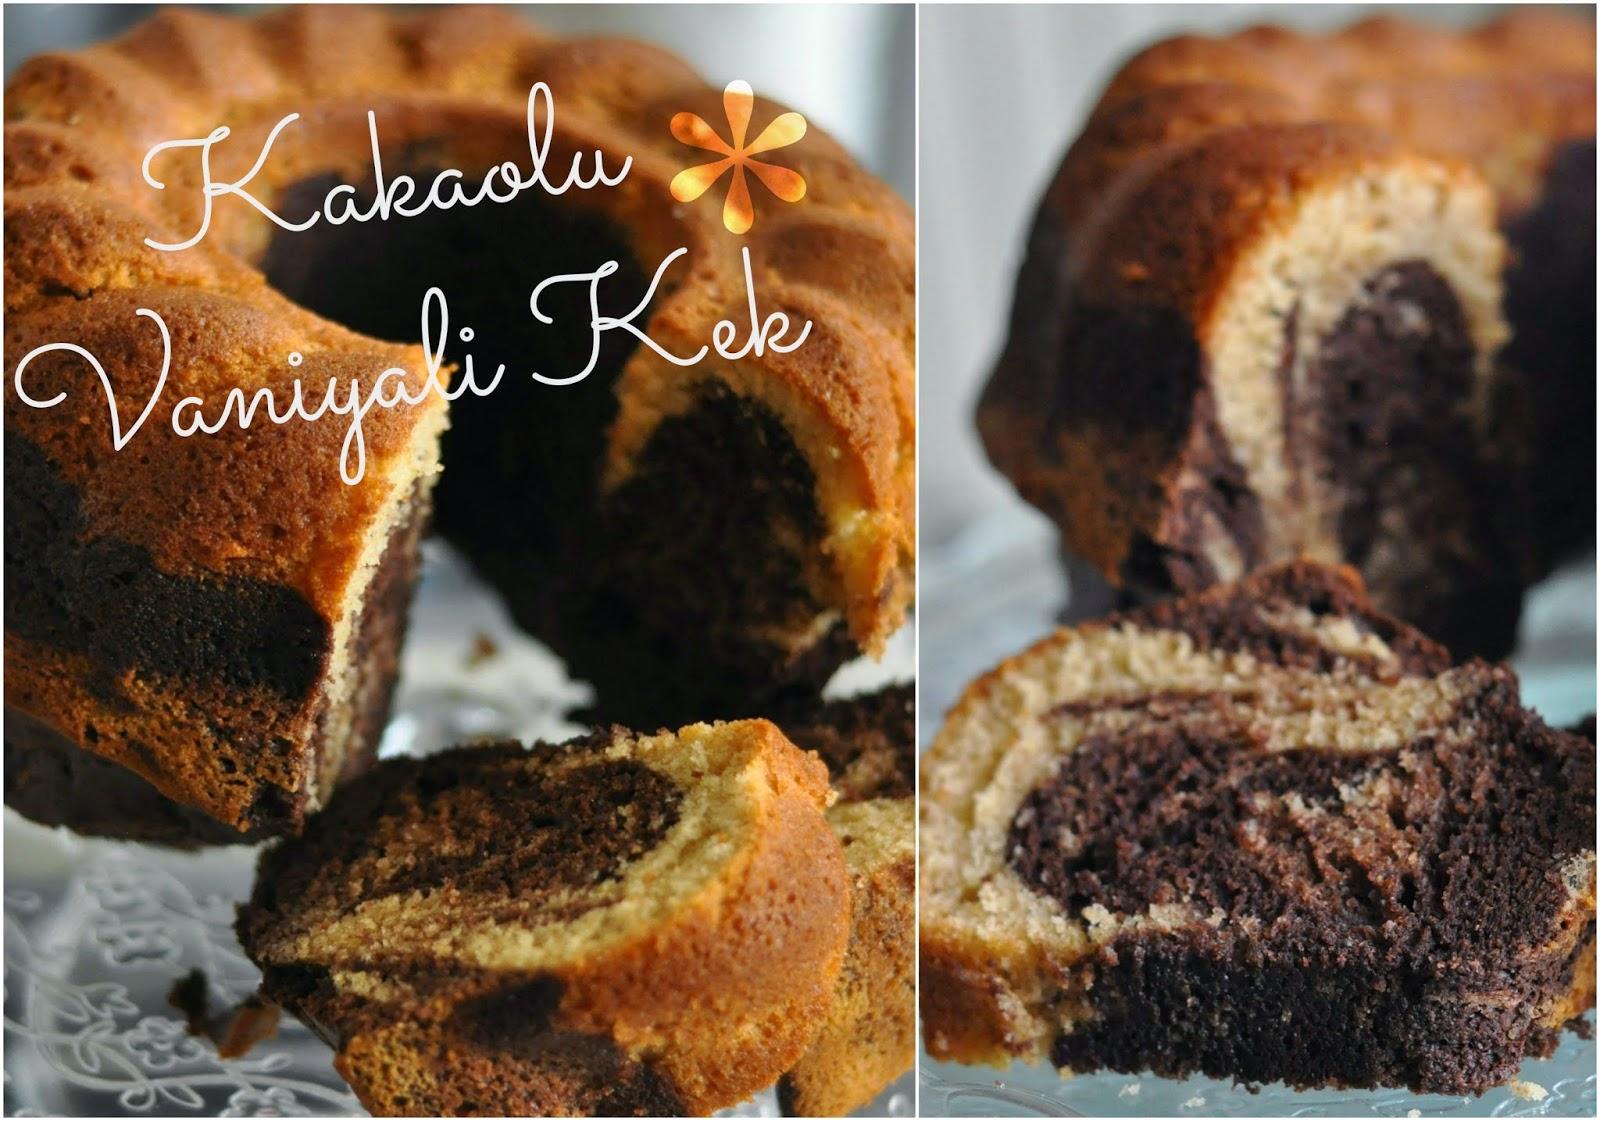 Kakaolu vanilyali kek - kek tarifi - chocolate vanilla cake